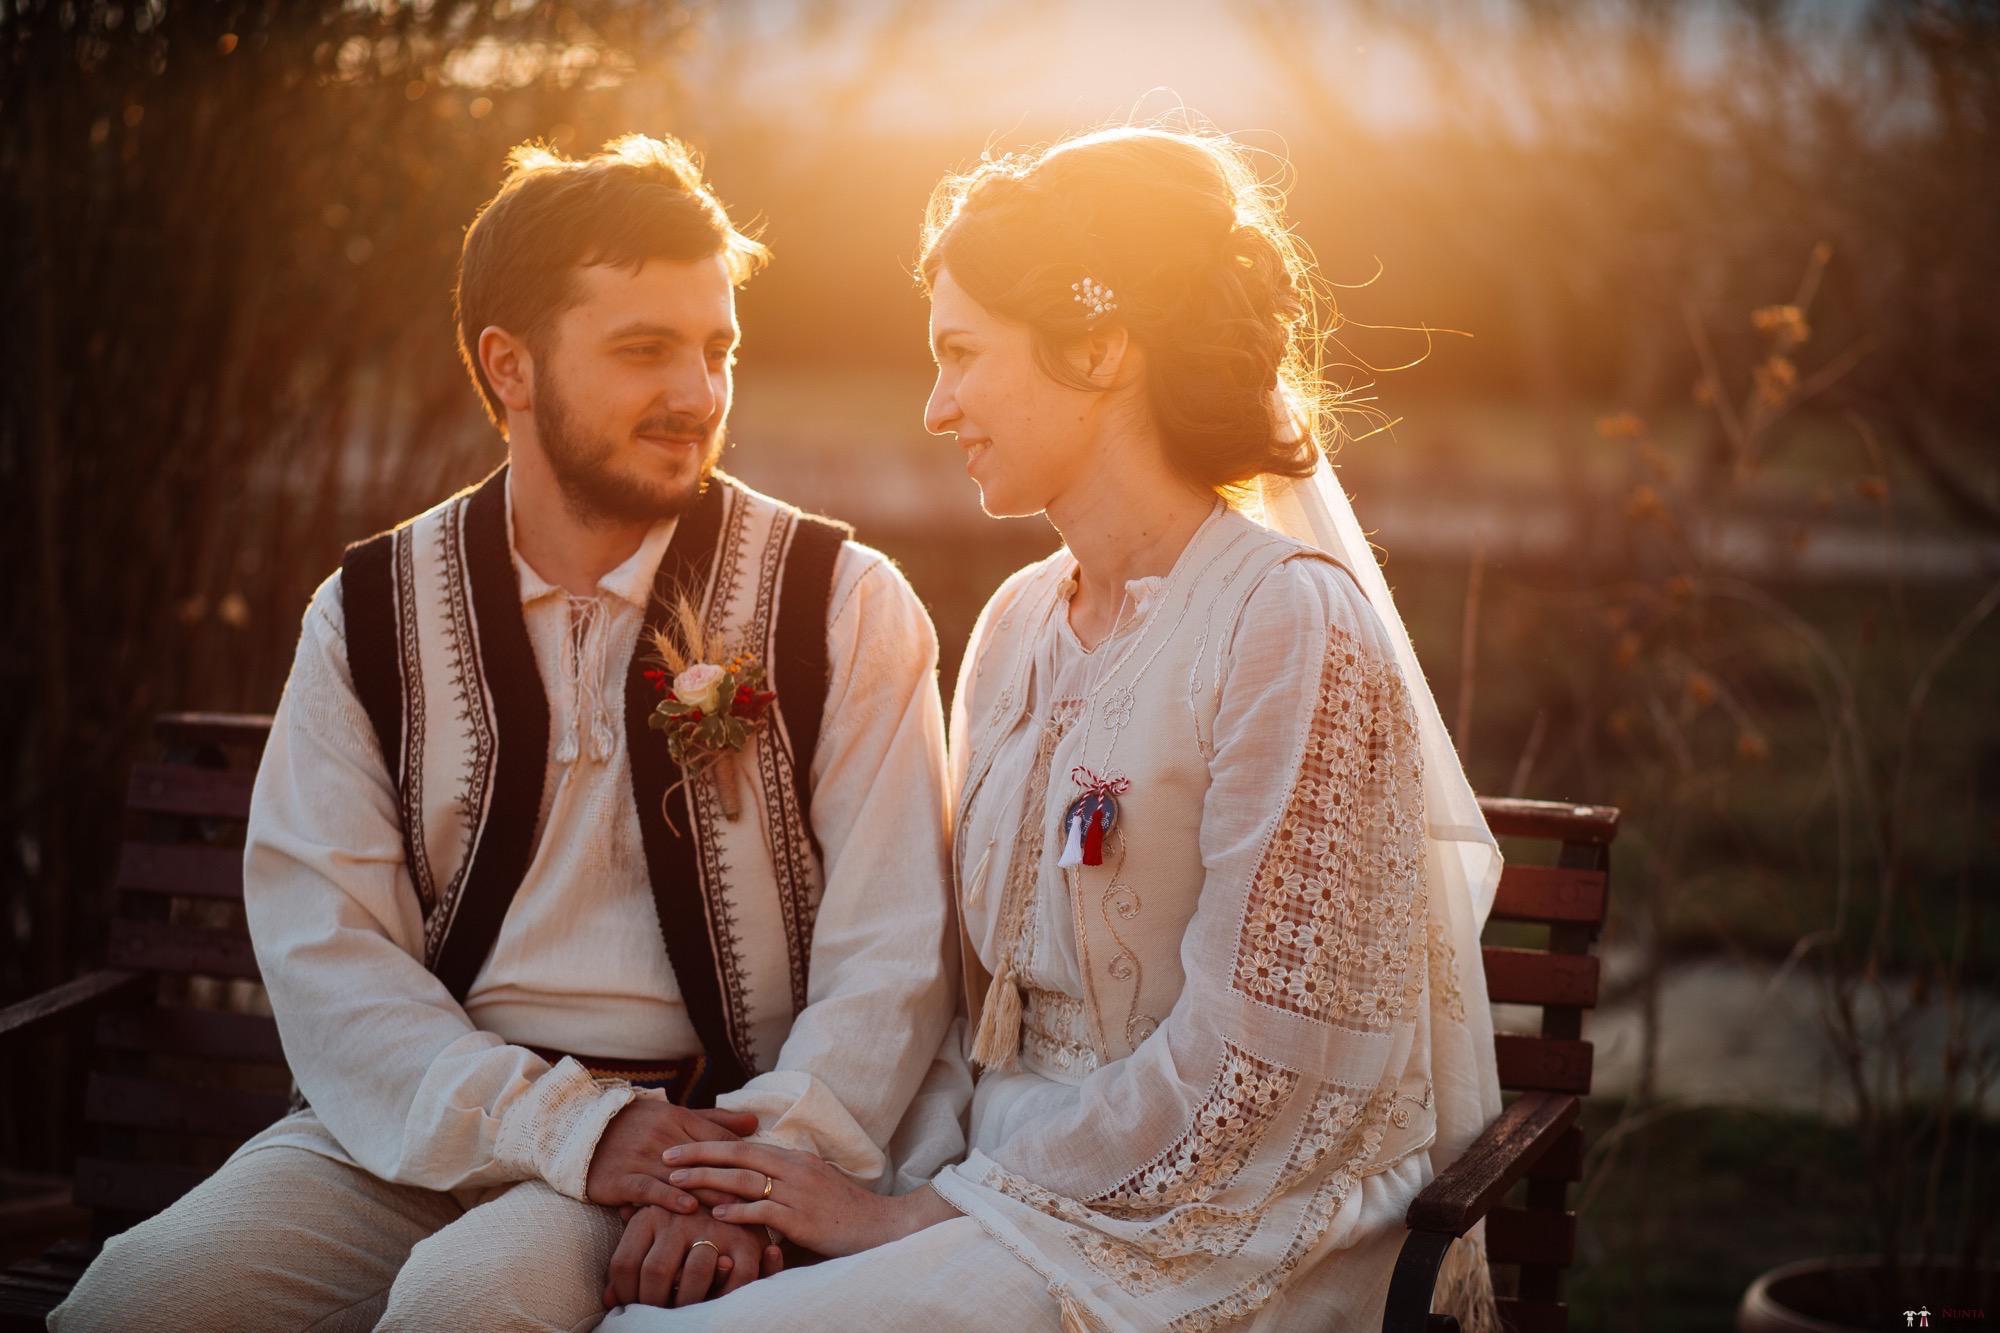 Povești Nunți Tradiționale - Gabriela și Adrian. Nuntă tradițională în Piatra Neamț 42